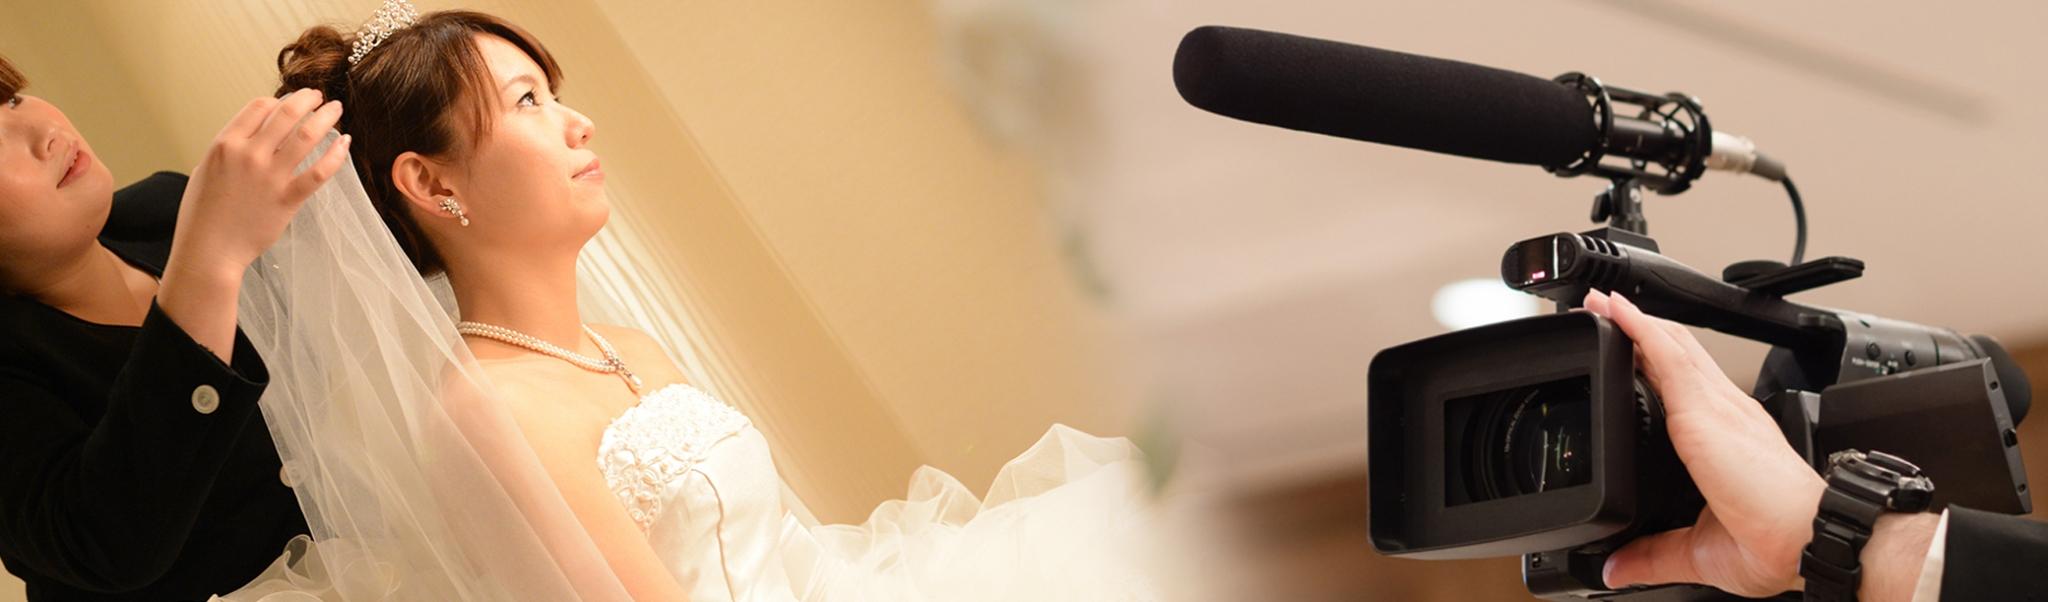 結婚式の映像制作・ビデオ撮影・写真撮影・プロデュース